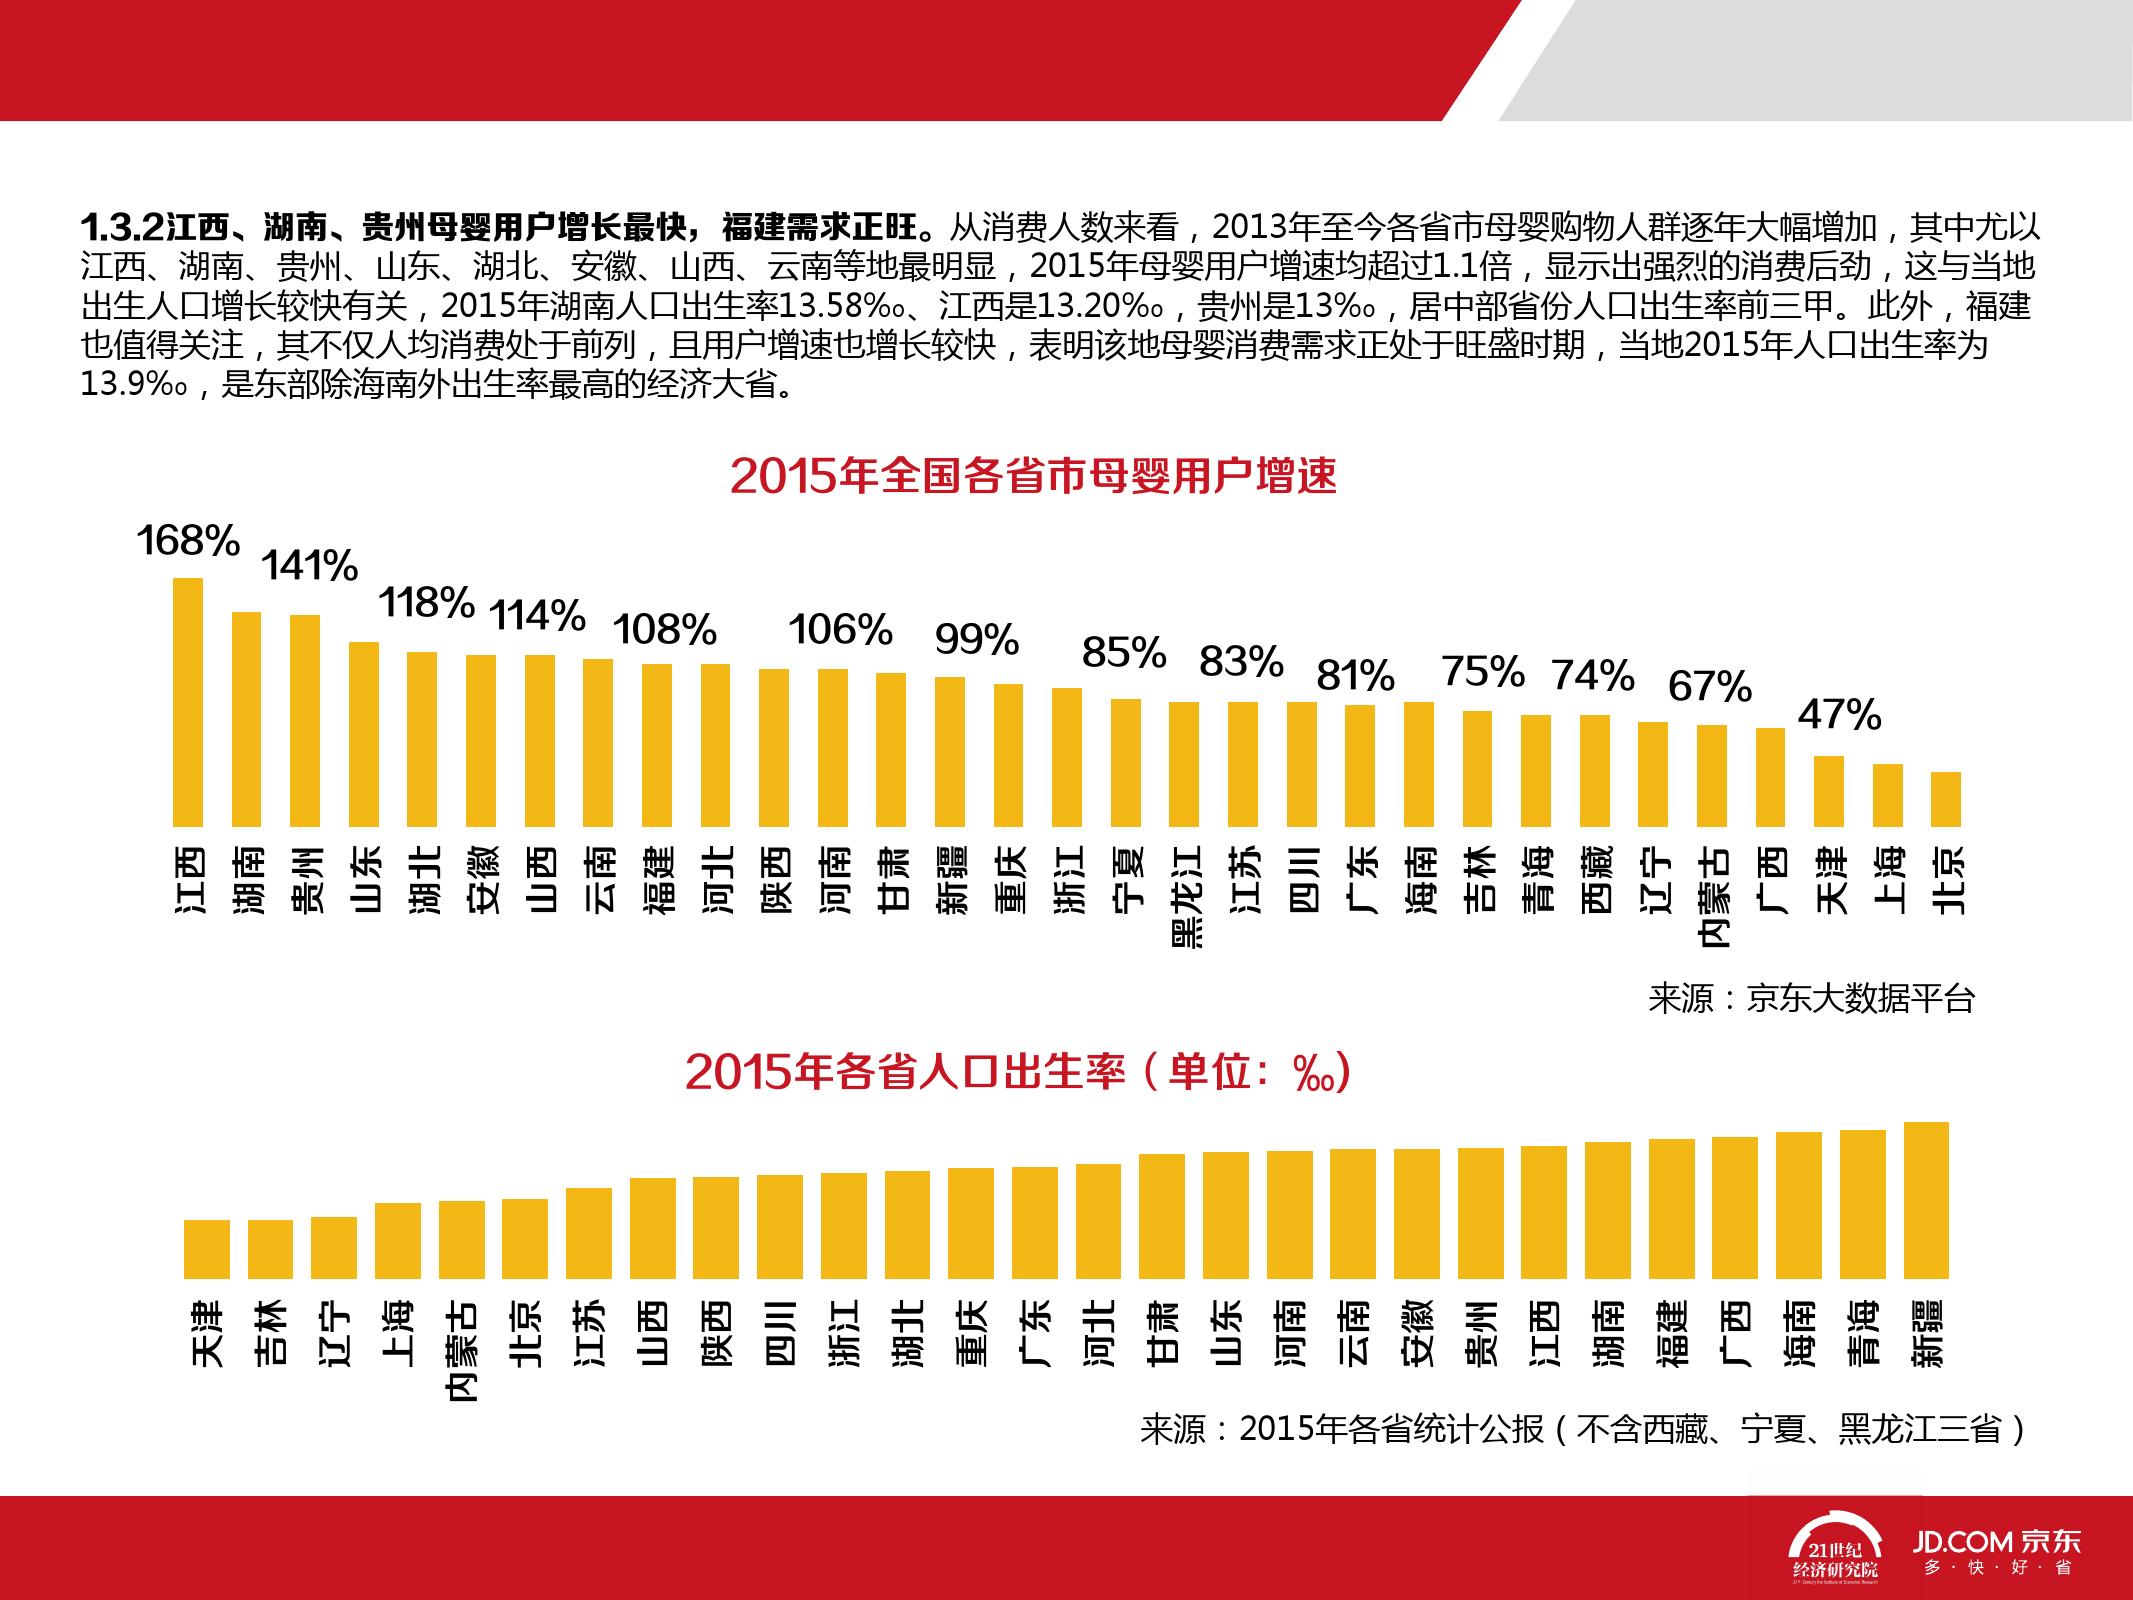 2016中国母婴产品消费趋势报告_000015